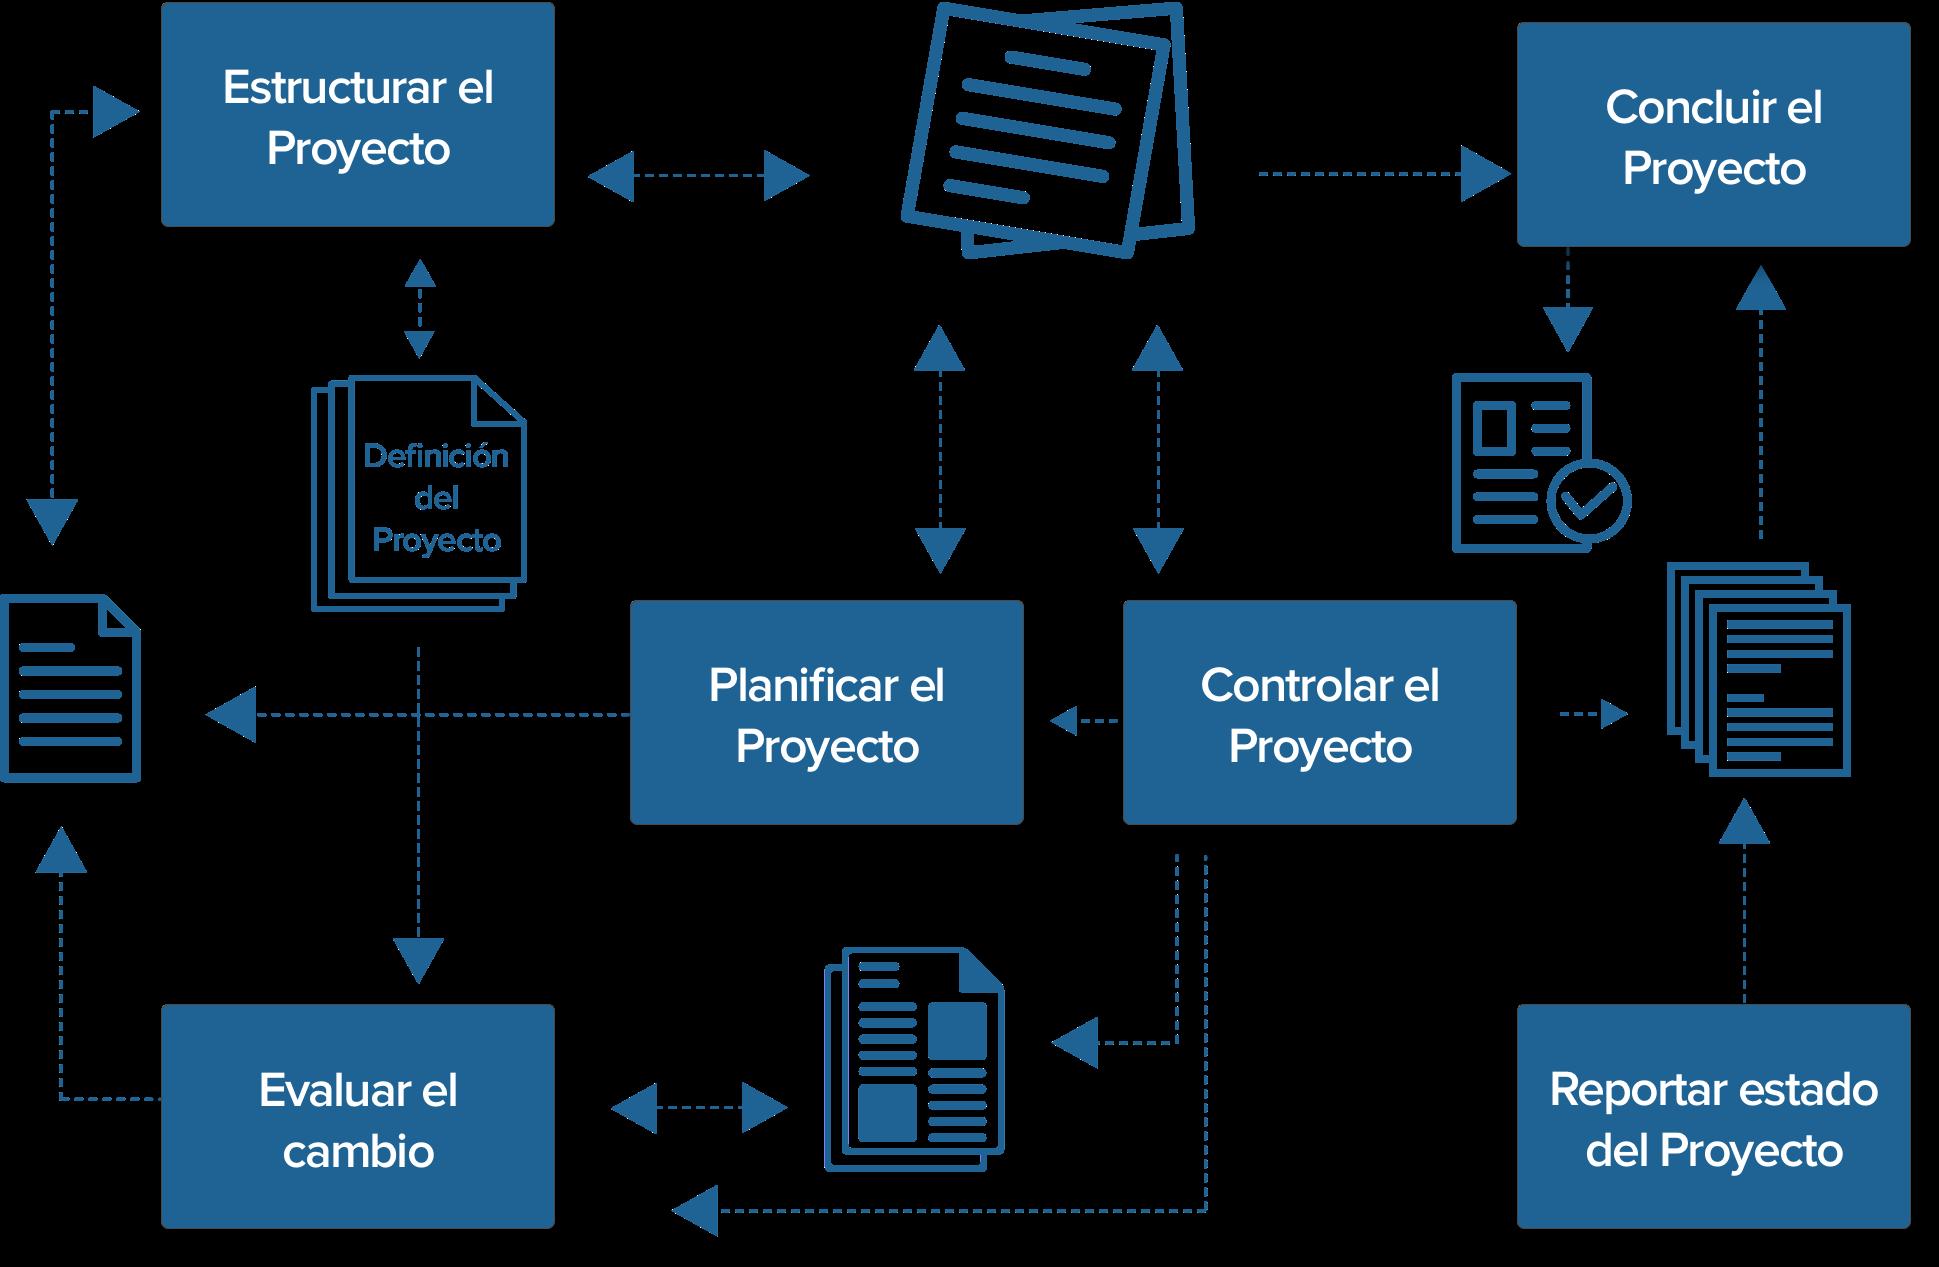 img_Program Management_SPA_blue.png